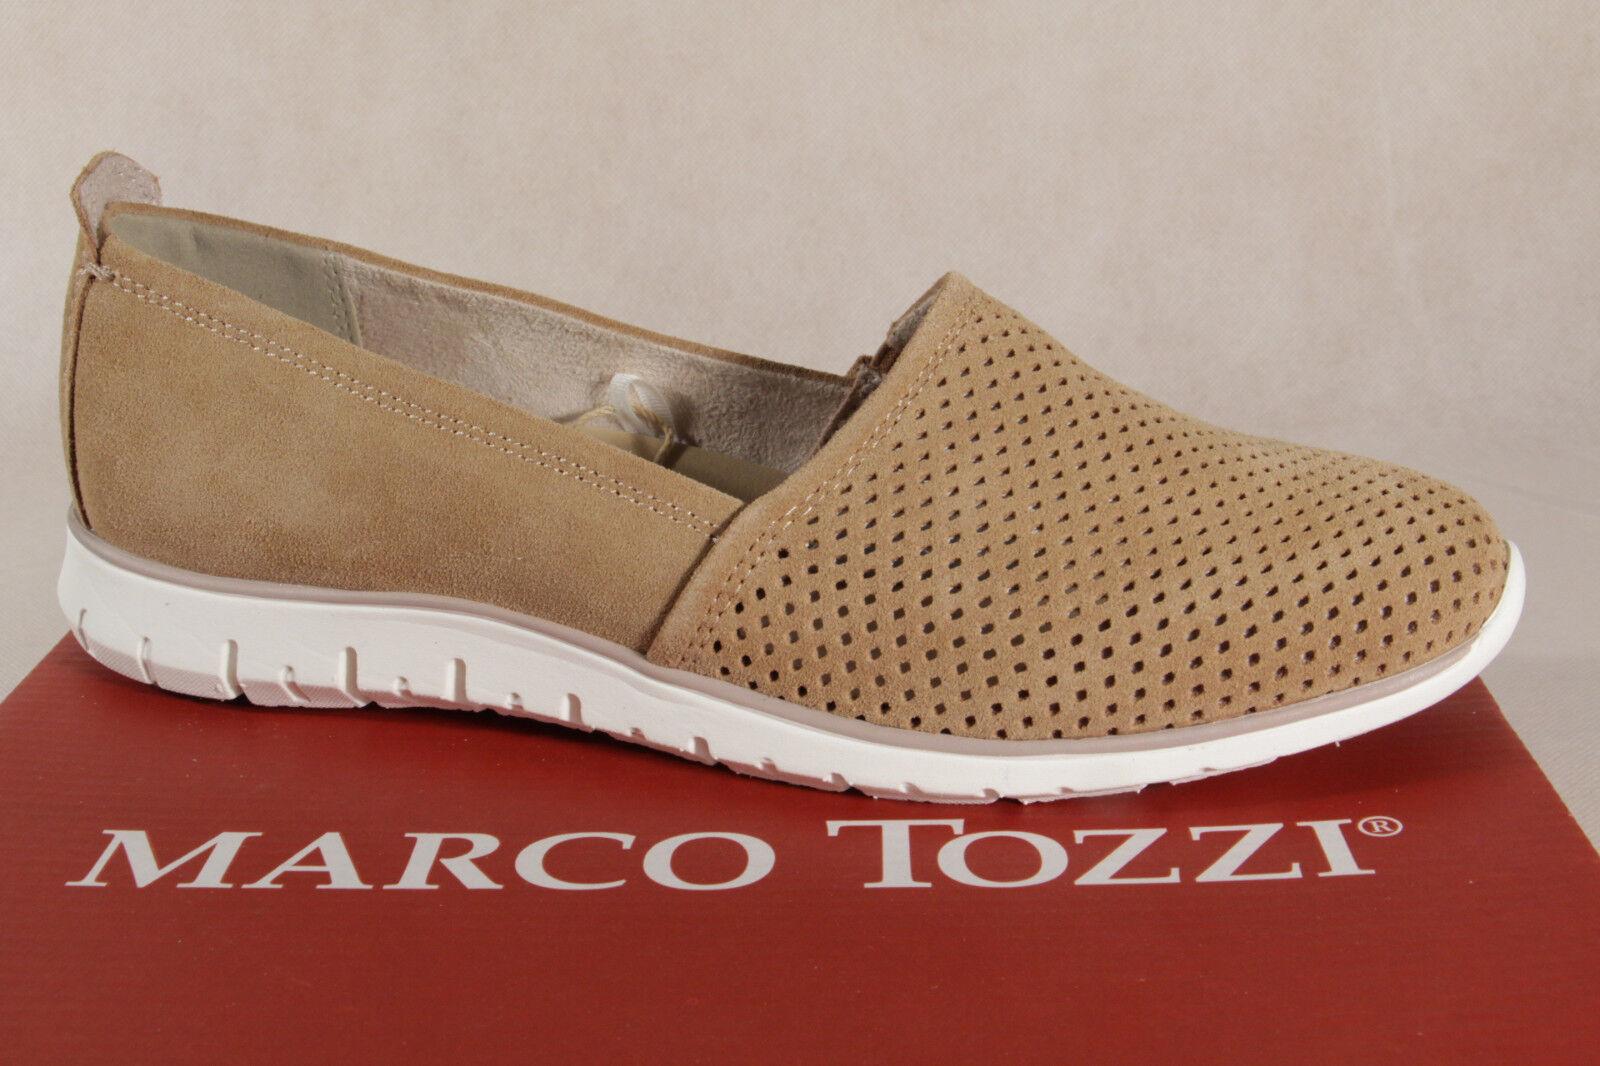 Marco Tozzi braun Damen Slipper Ballerina Leder braun Tozzi  24709 NEU 1343b0